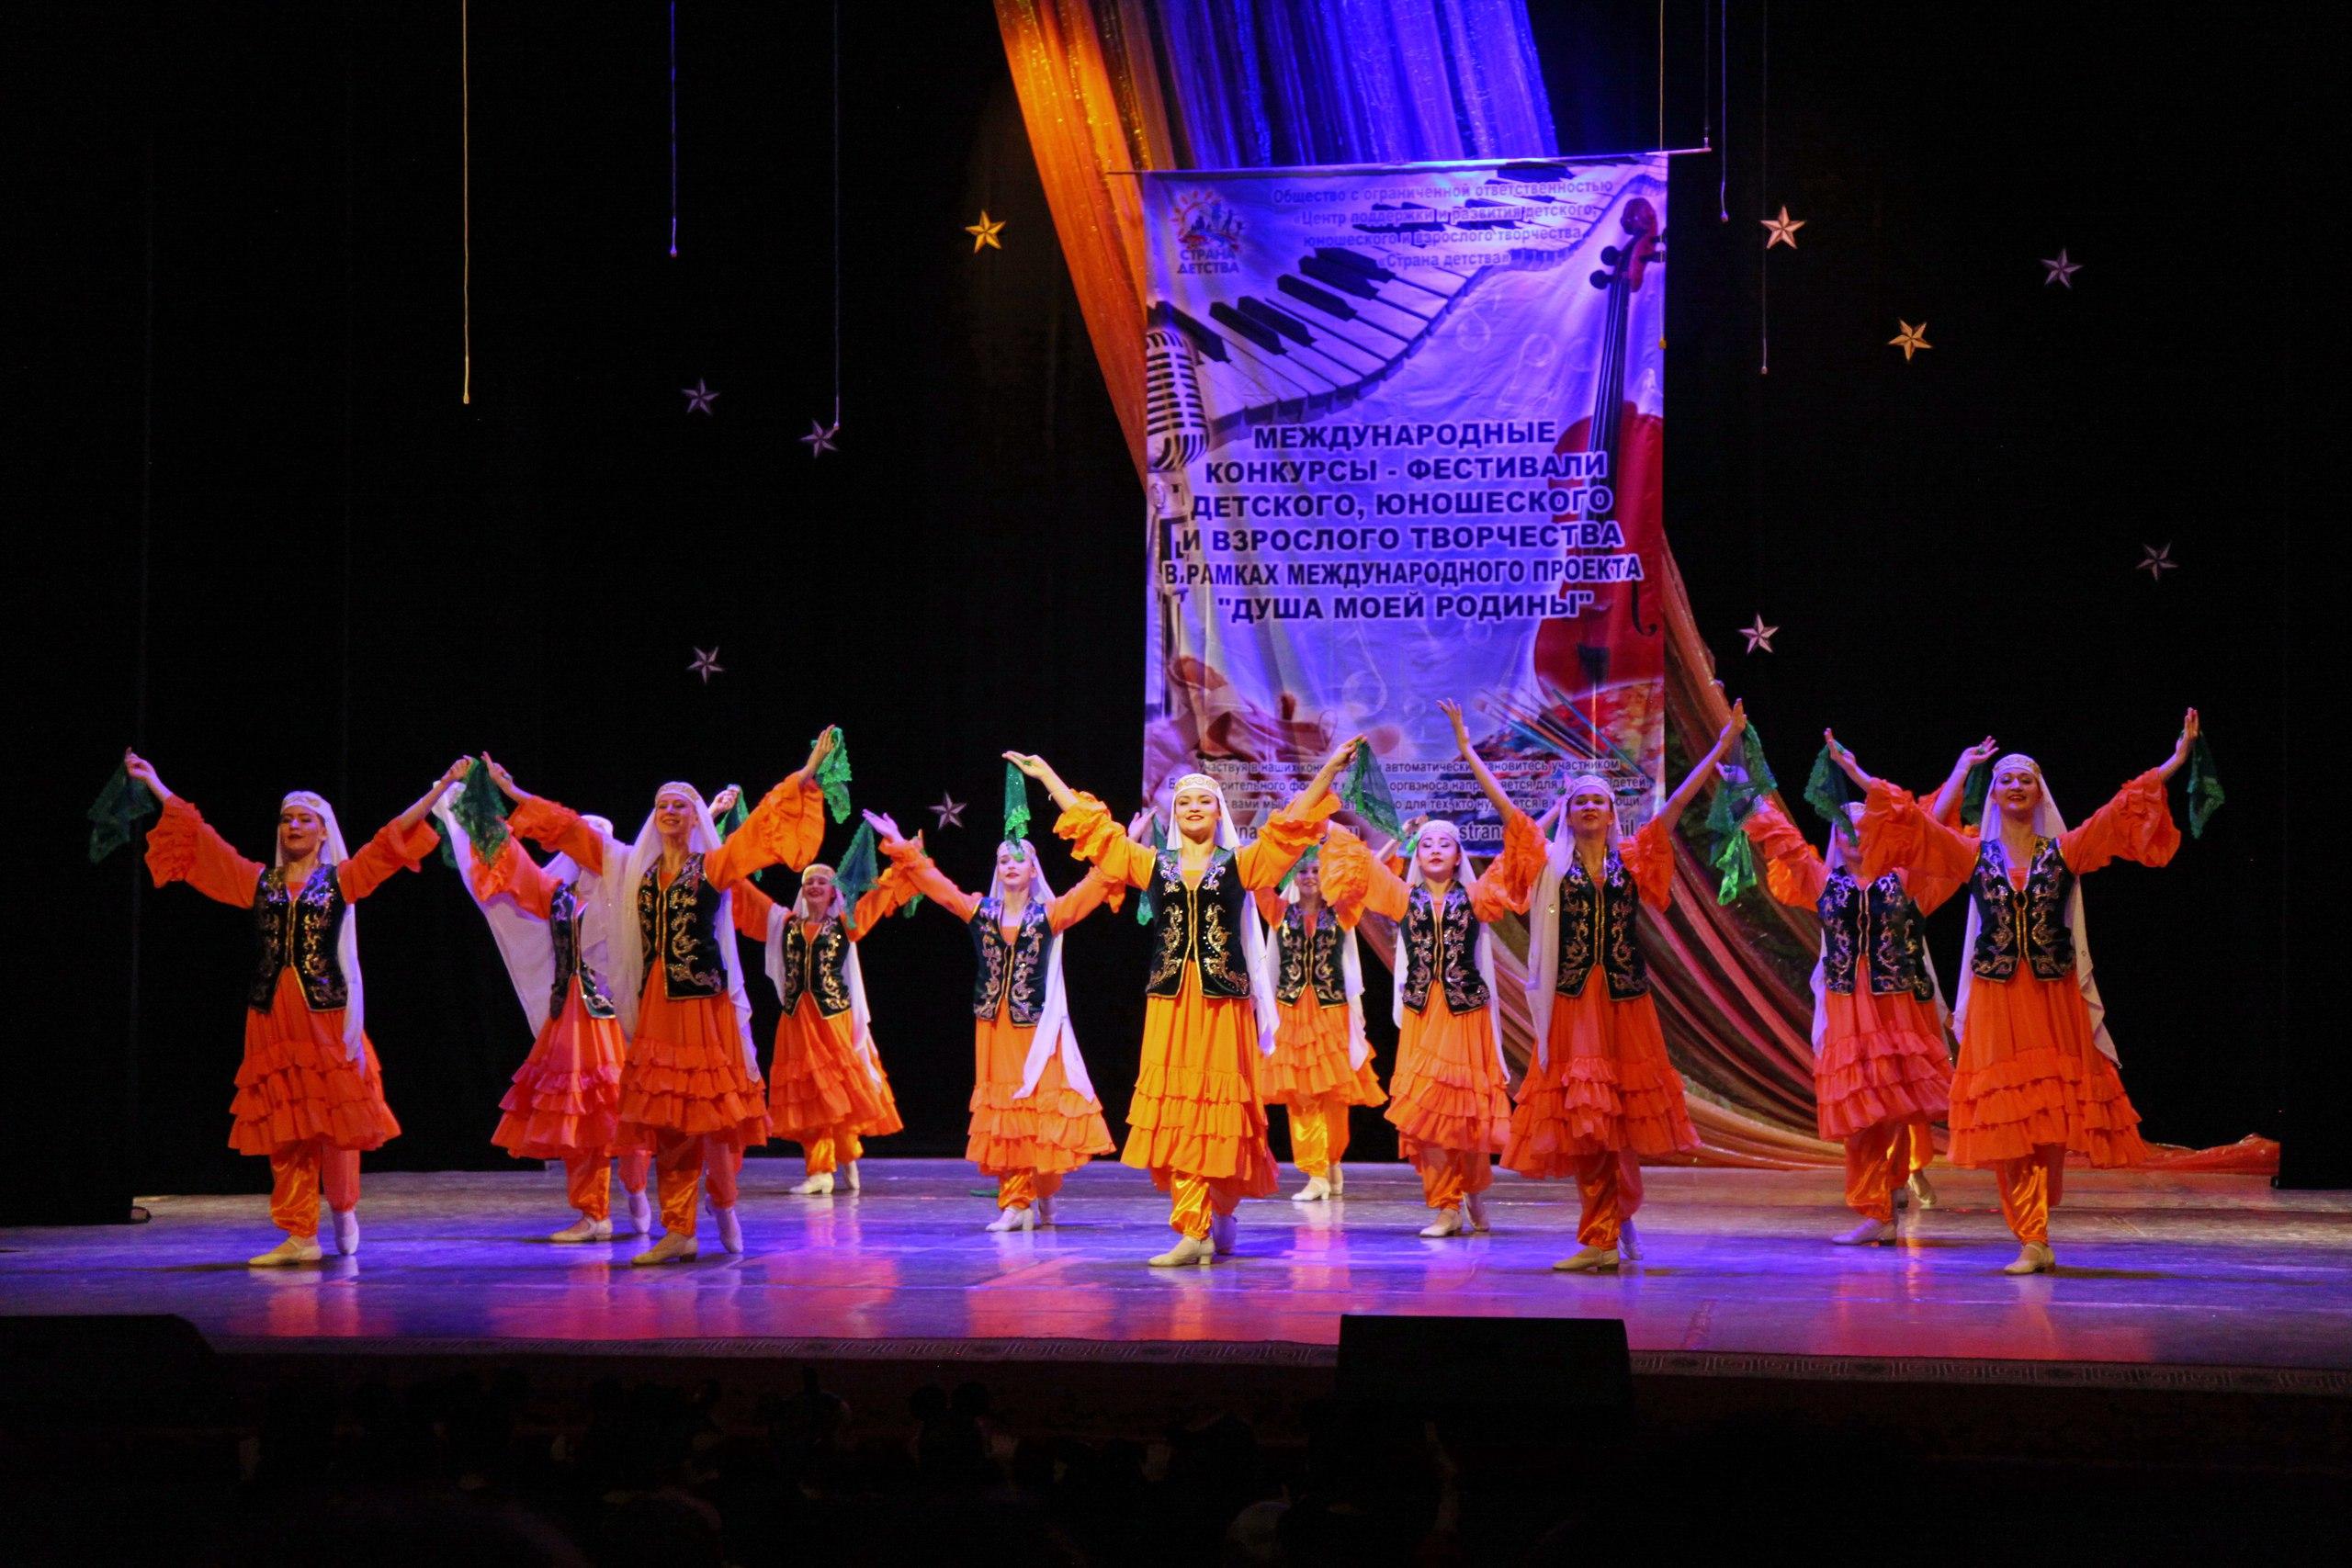 III Международный фестиваль-конкурс детского, юношеского и взрослого творчества «ДОРОГА К СОВЕРШЕНСТВУ»